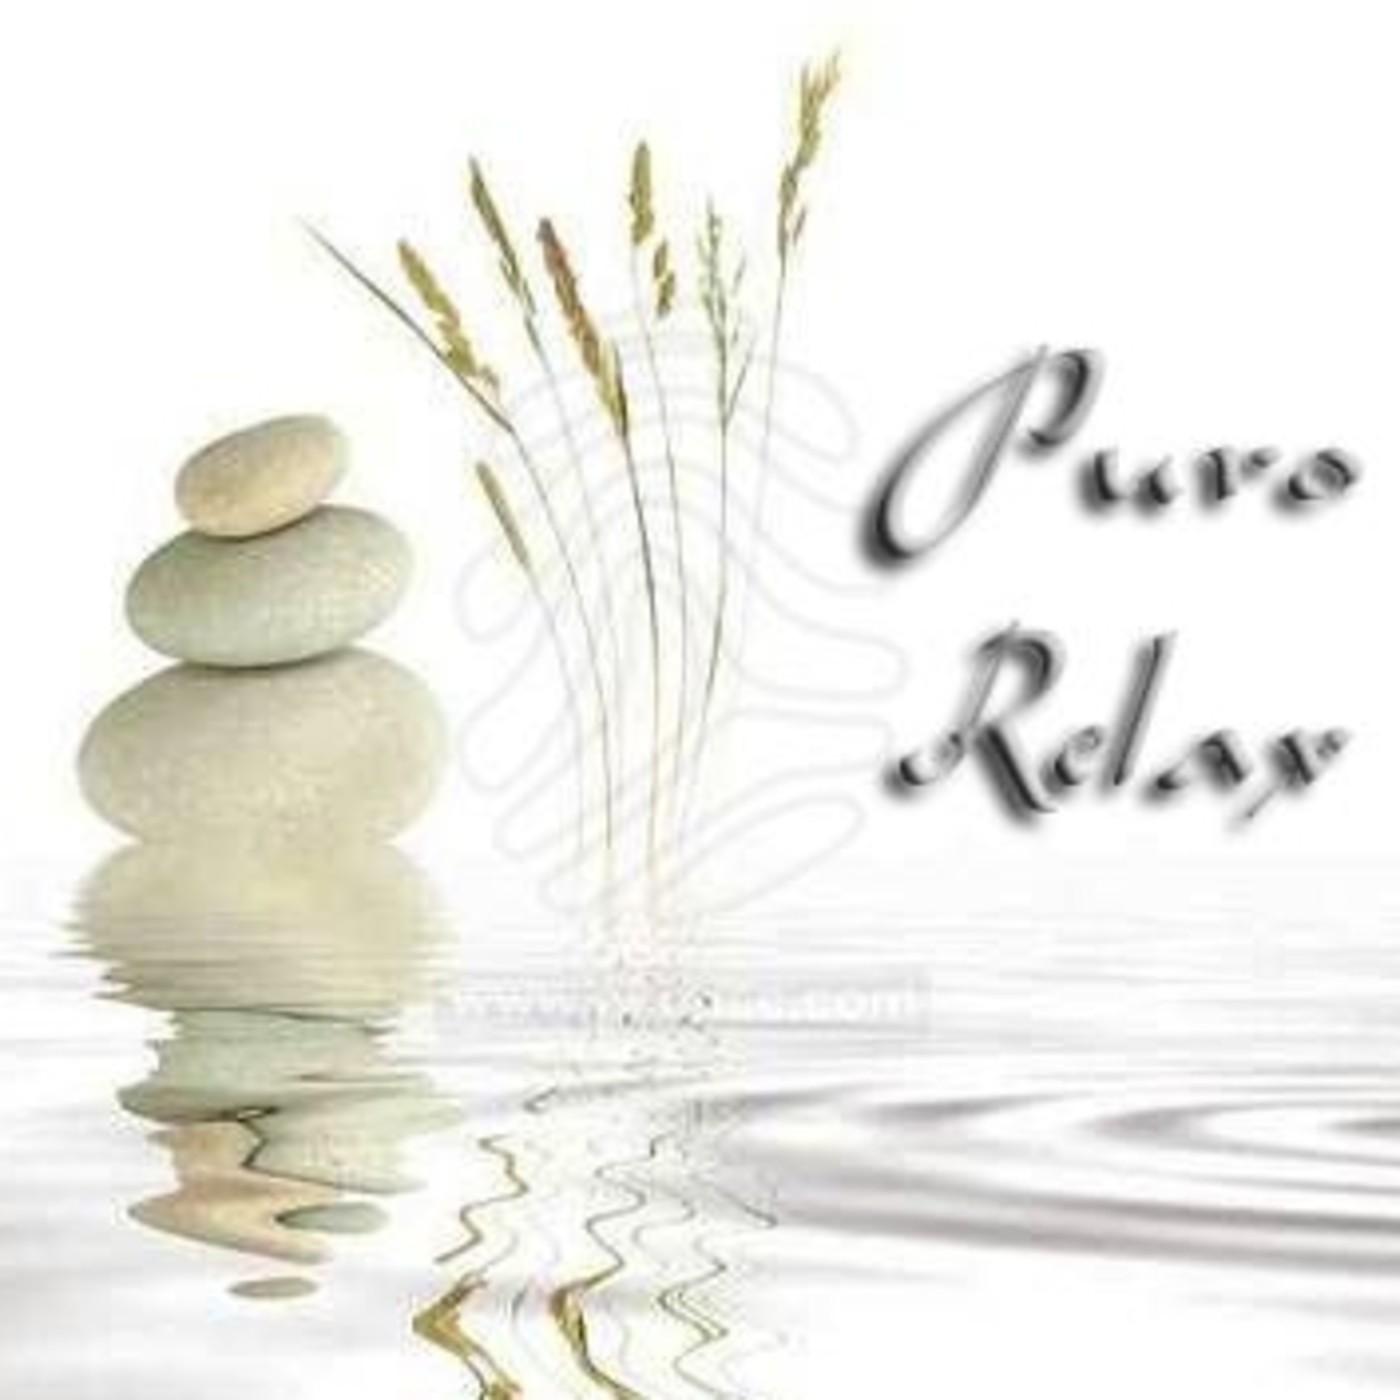 Episodio 53 lindas melod as para relajar cuerpo y mente cuarta parte en m sica relajante para - Relajar cuerpo y mente ...